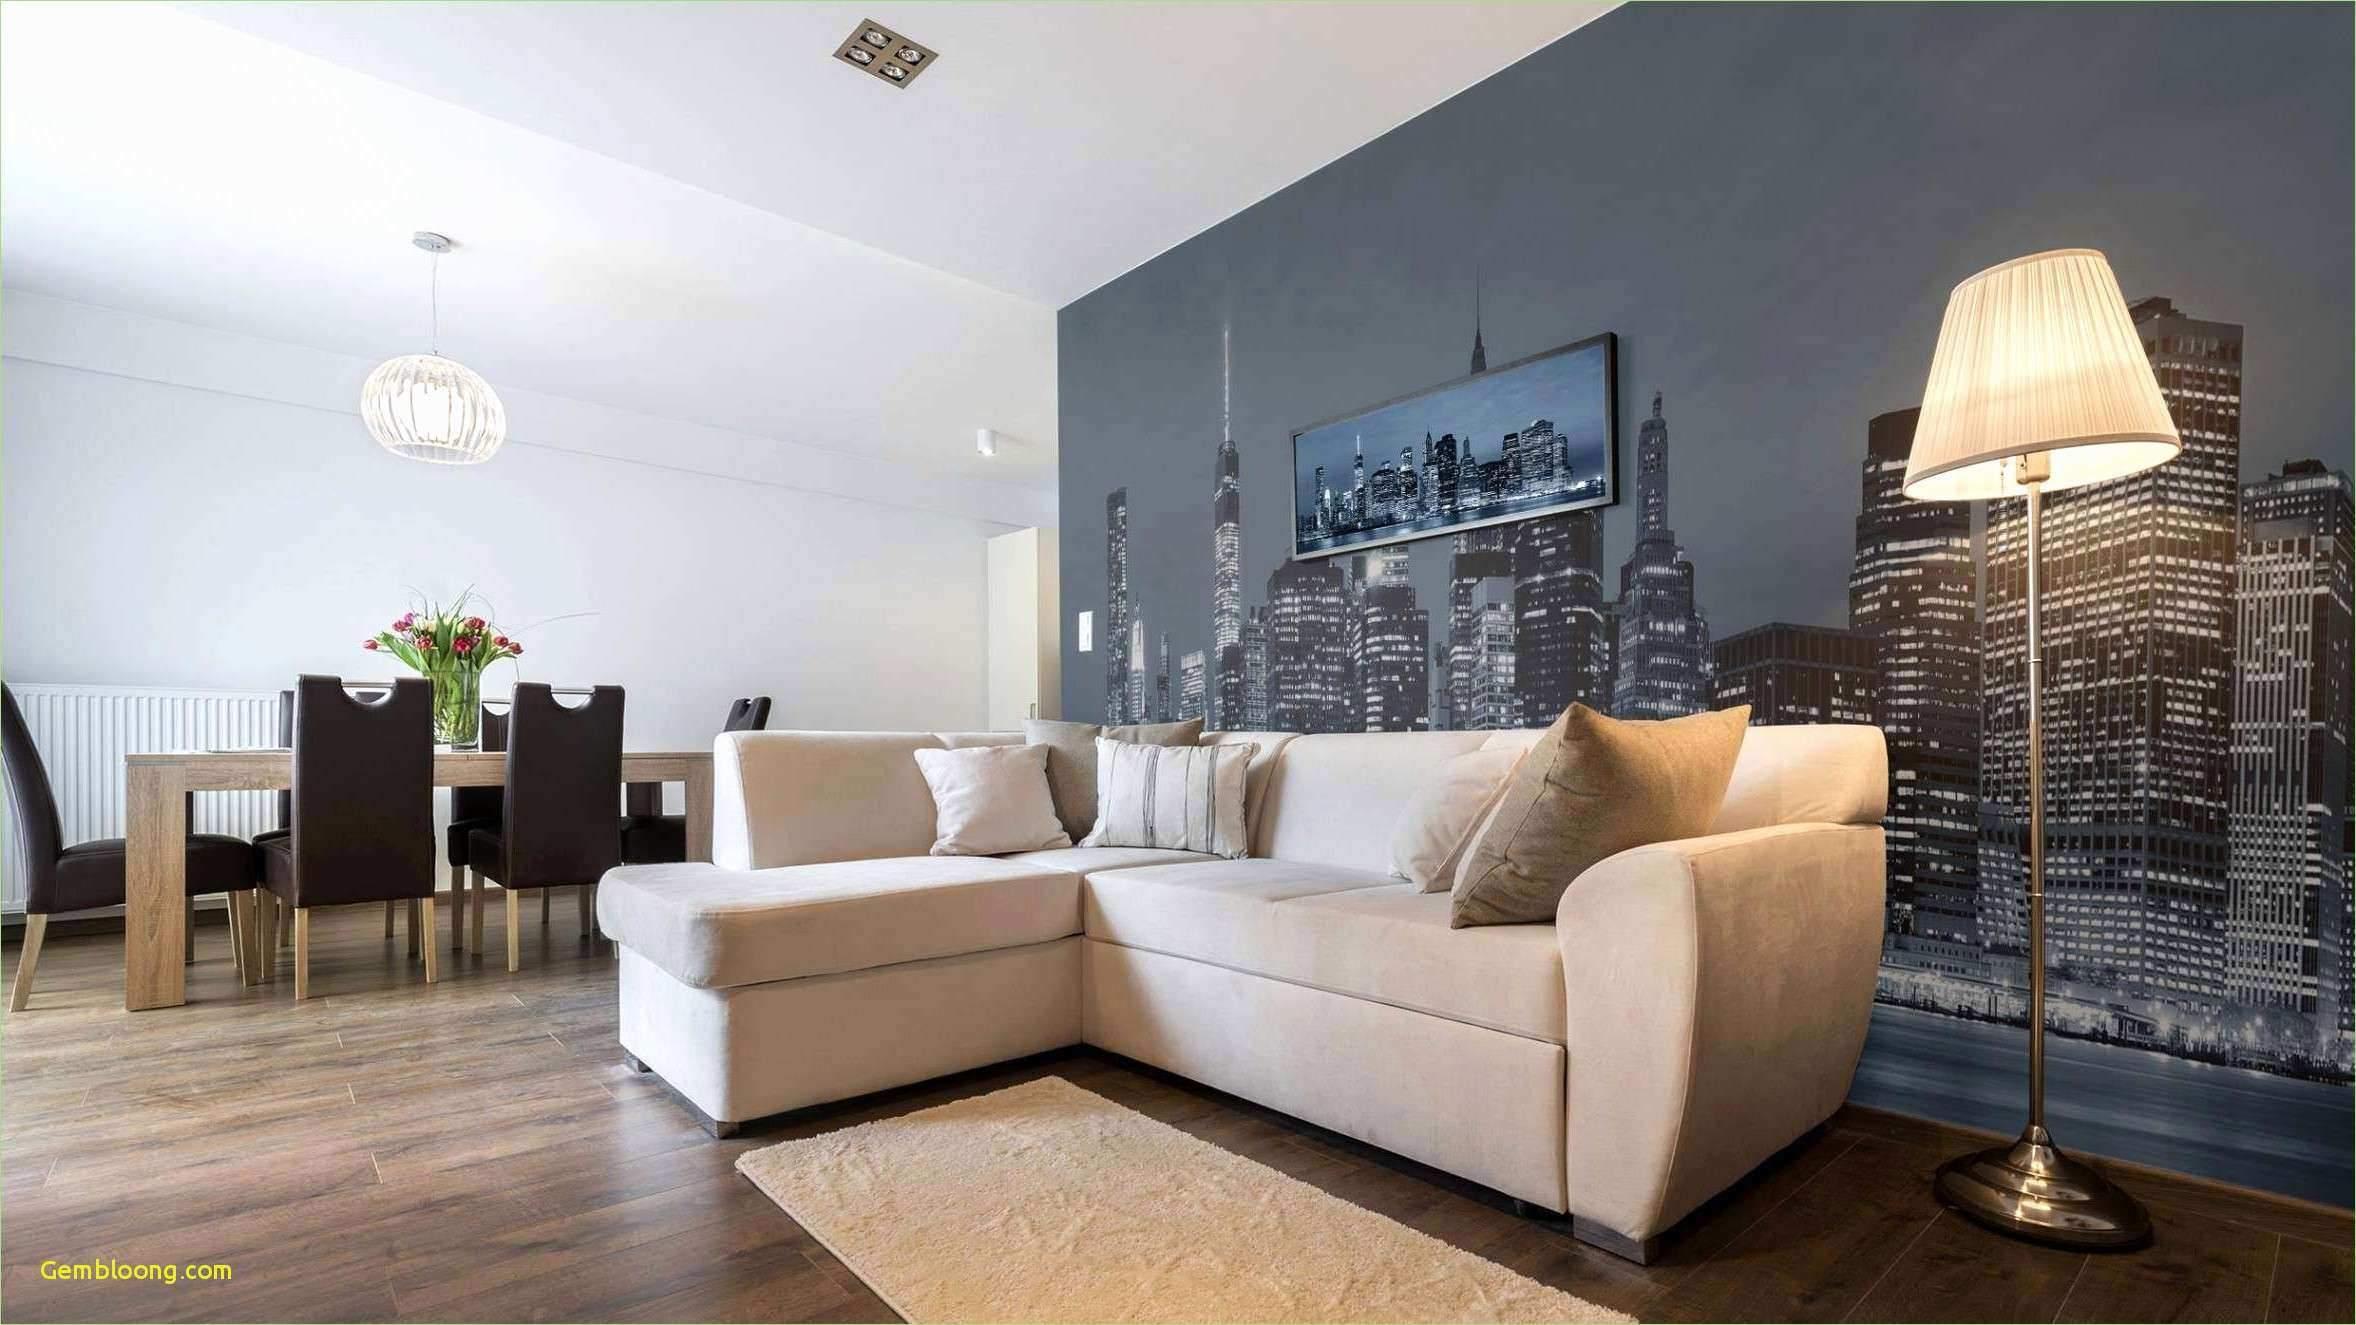 wanddeko wohnzimmer holz neu 50 einzigartig von holz deko wand wohnzimmer ideen of wanddeko wohnzimmer holz